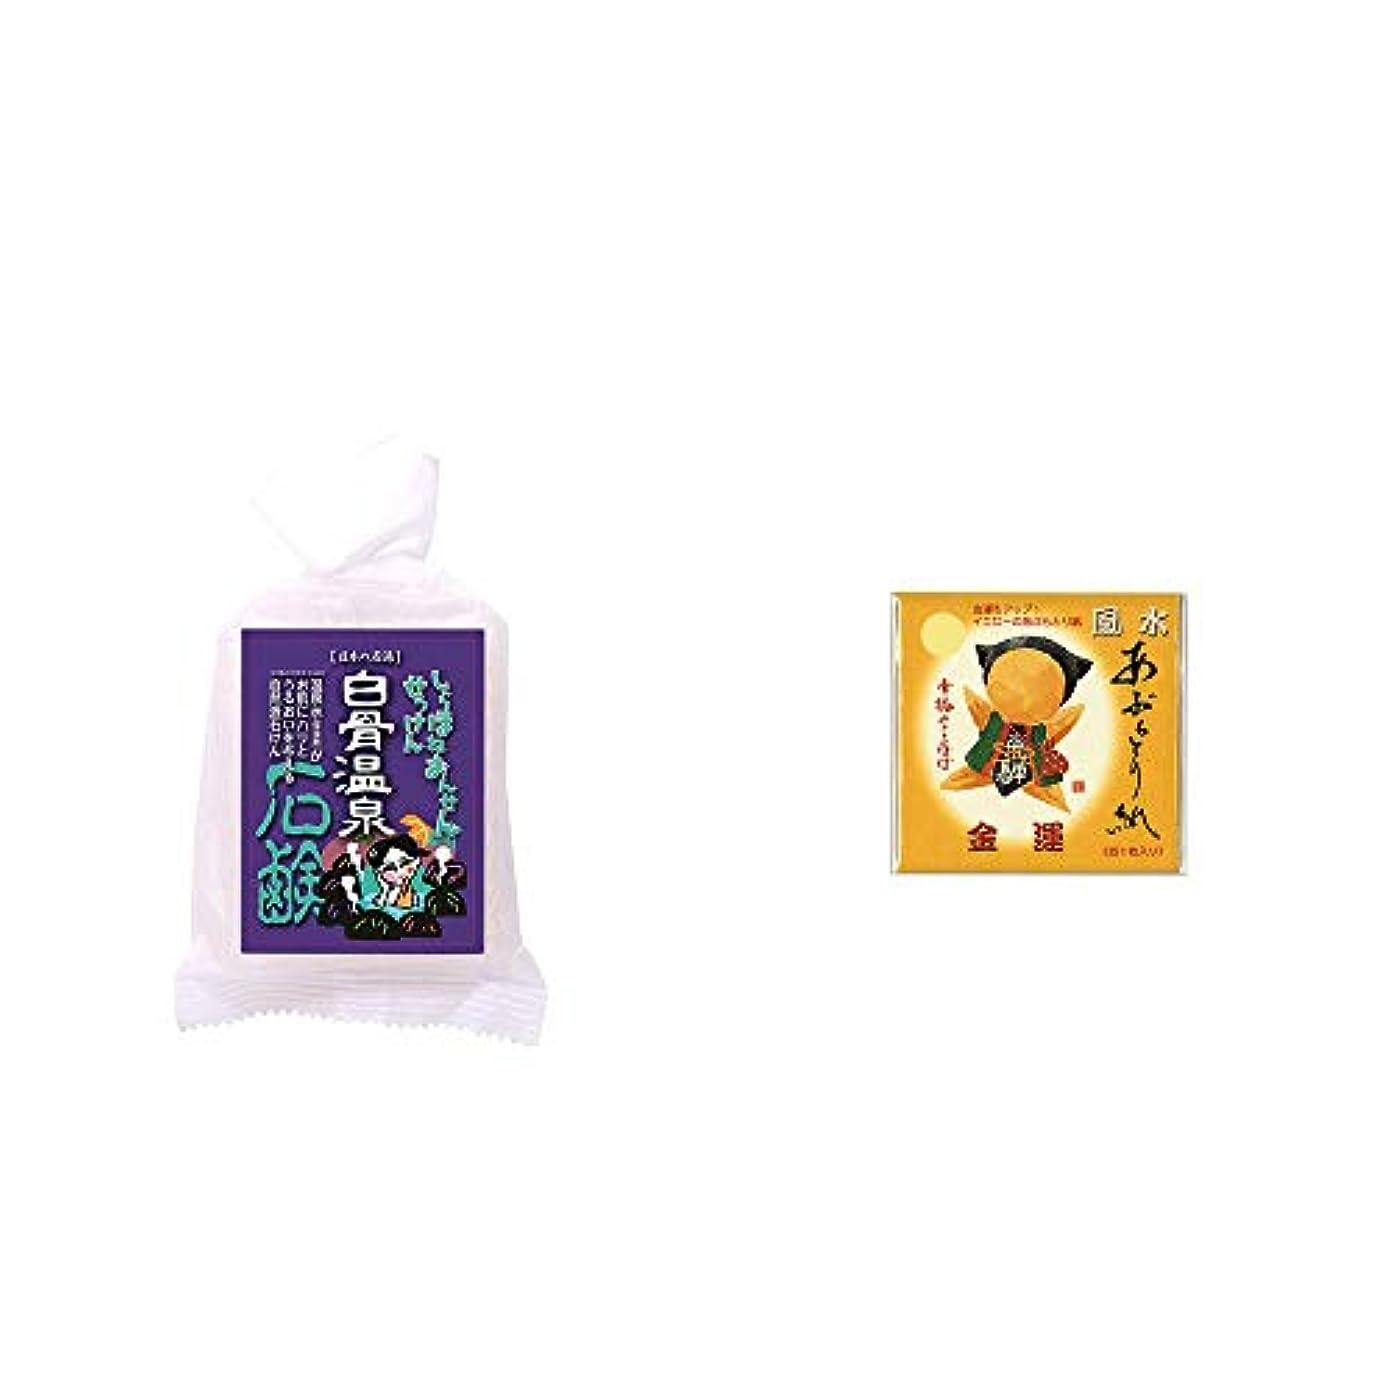 貝殻スズメバチ品[2点セット] 信州 白骨温泉石鹸(80g)?さるぼぼ 風水あぶらとり紙【イエロー】